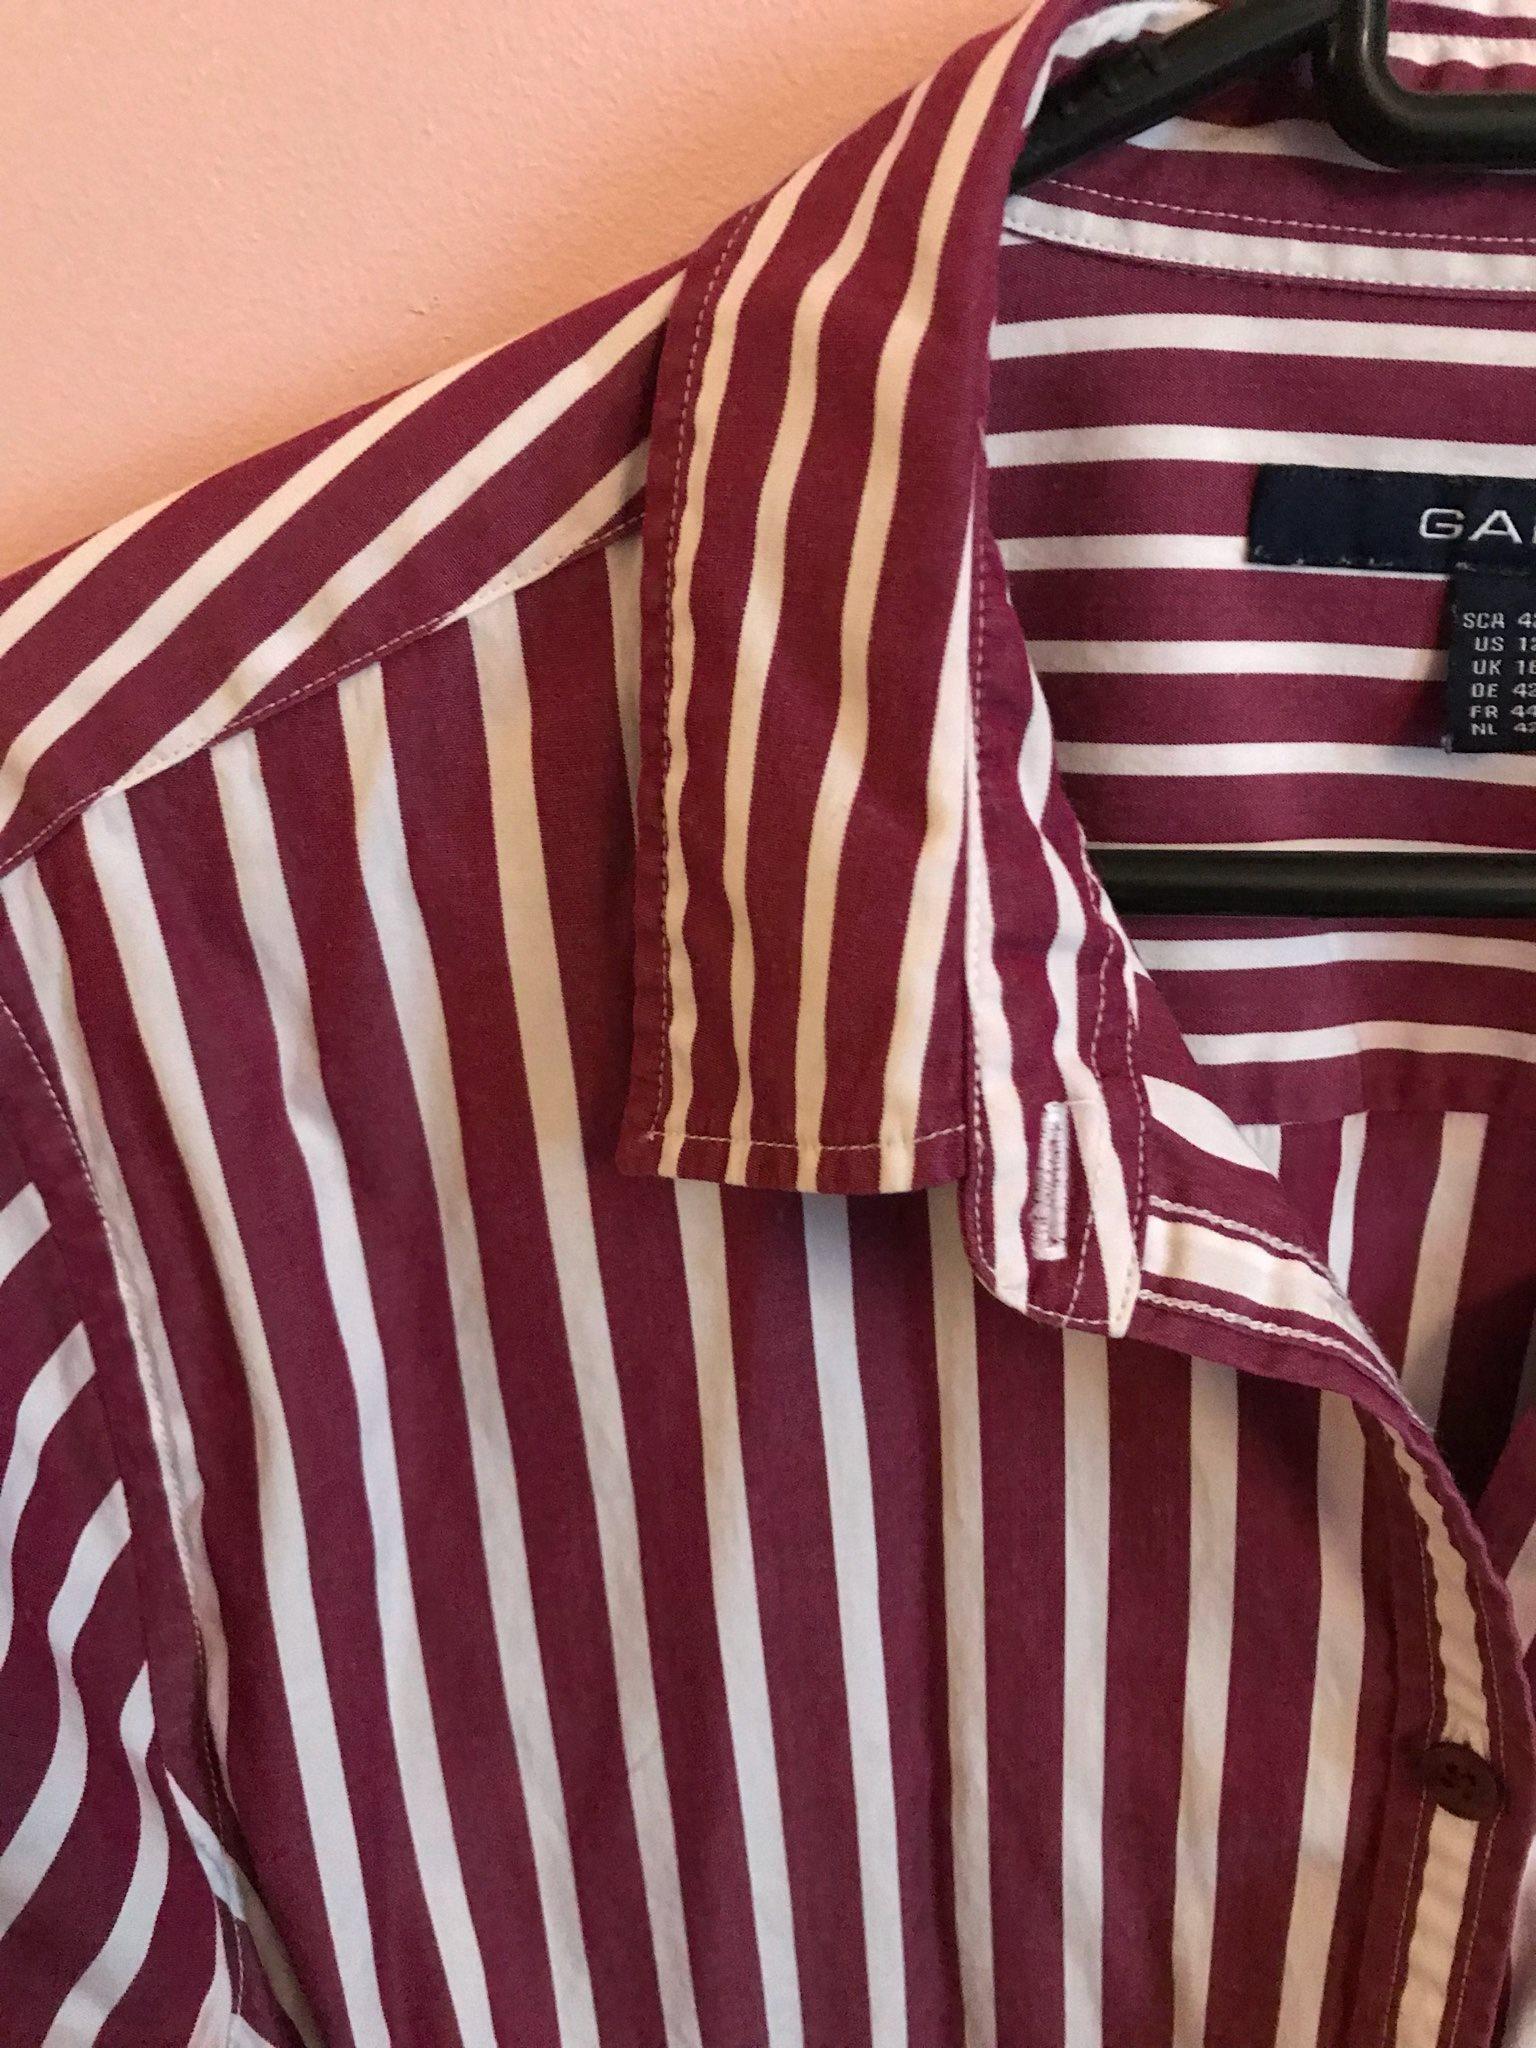 Randig skjorta Gant stl. 42 (321618889) ᐈ Köp på Tradera 30cd973d5a200